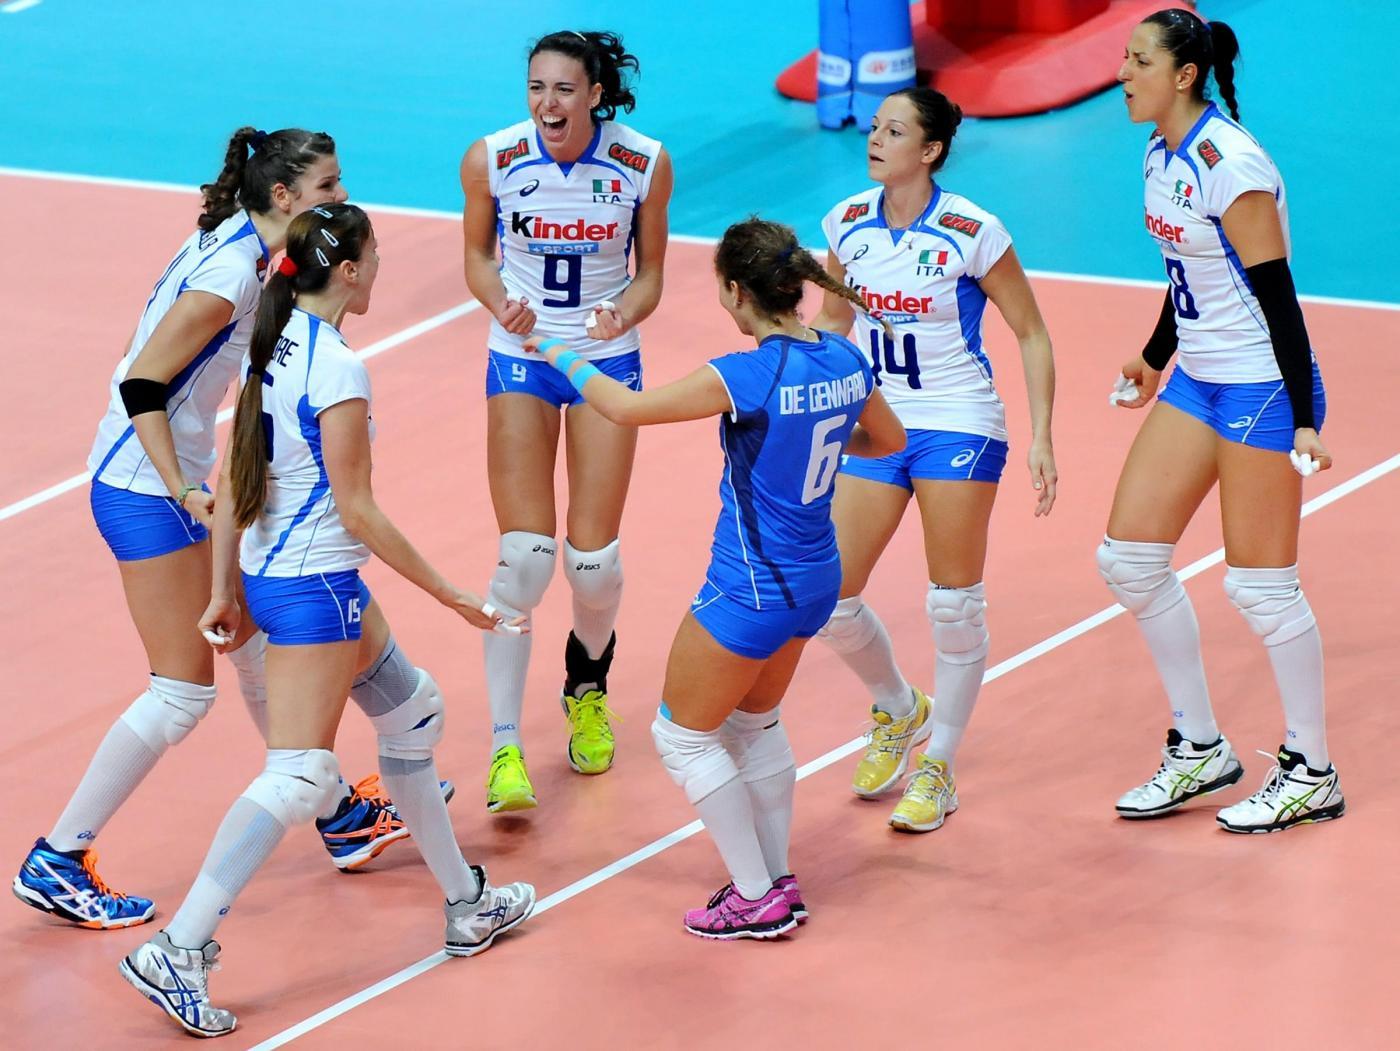 Italia vs Russia Campionati del mondo di volley